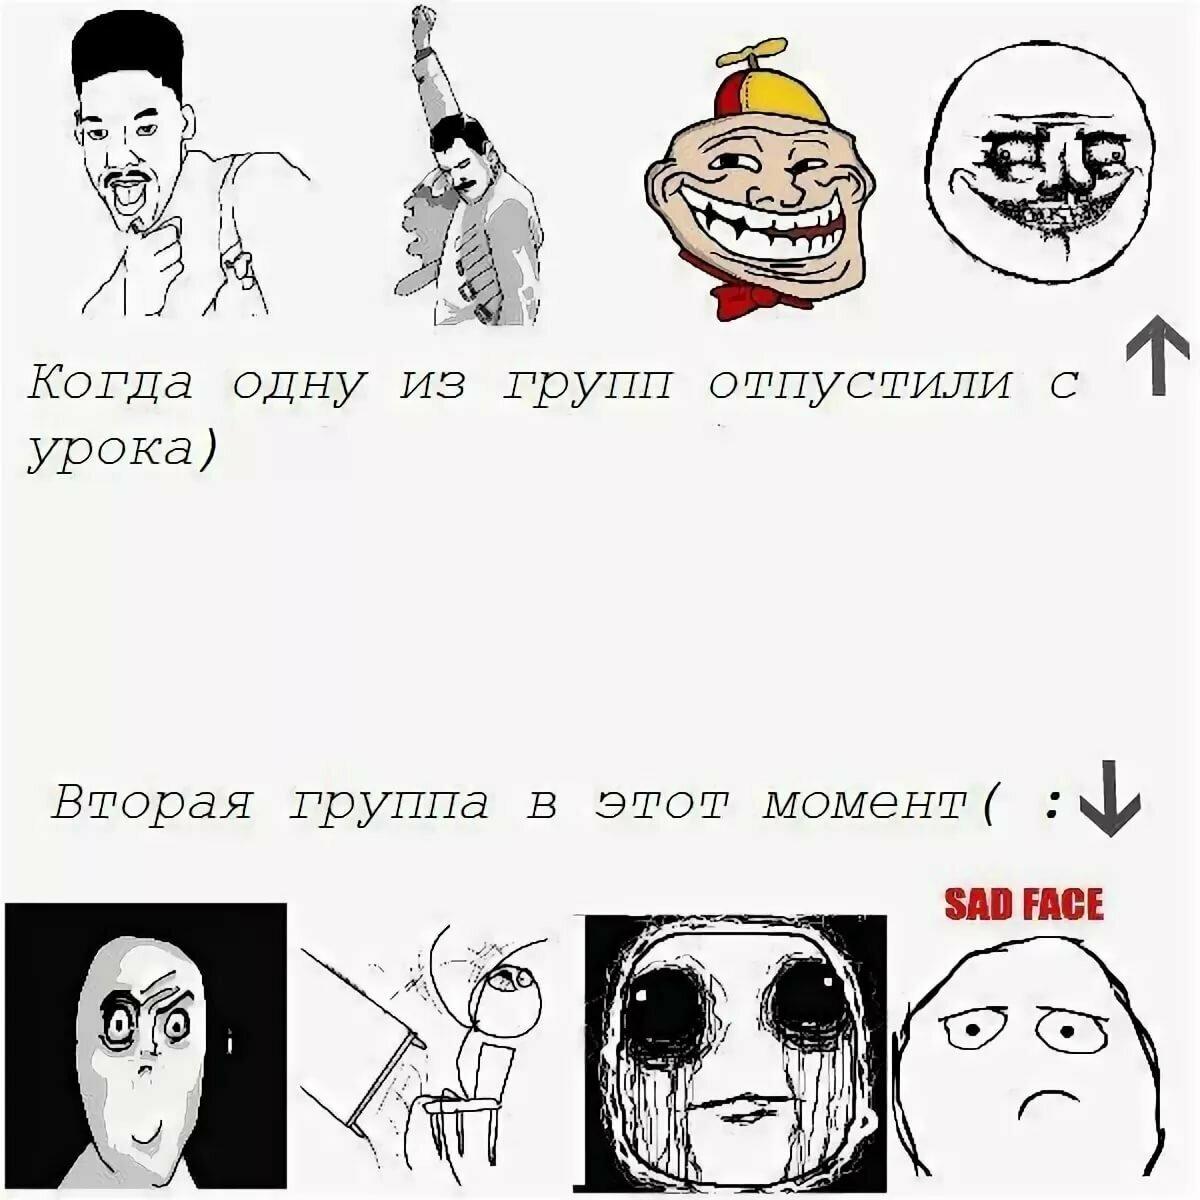 Картинки мемы смешные про школу